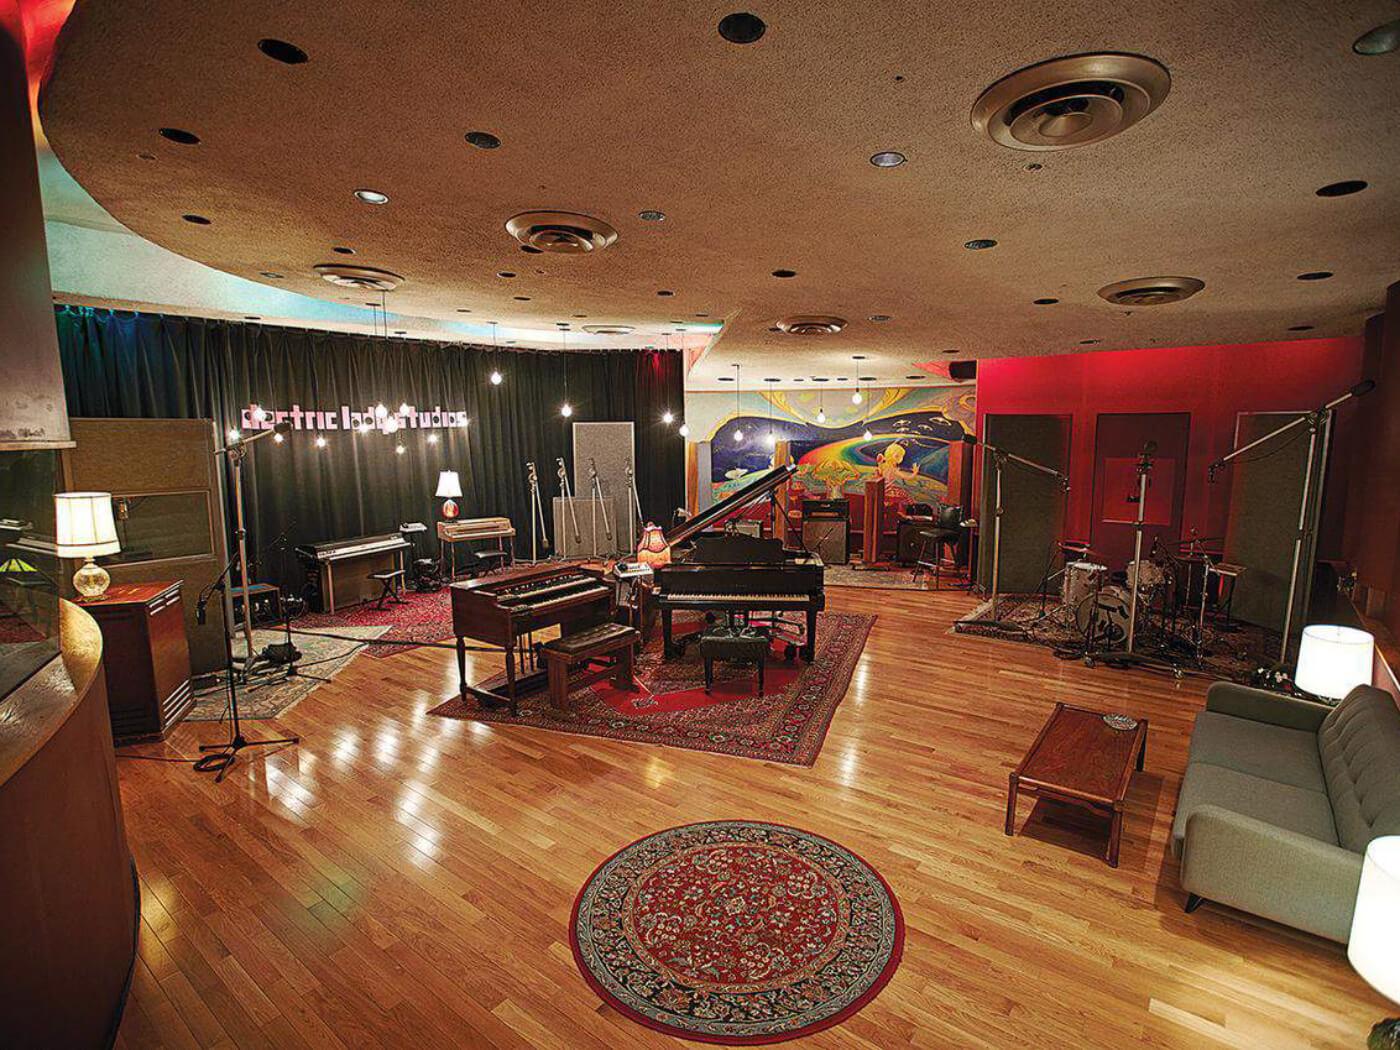 wsdg electric lady studio